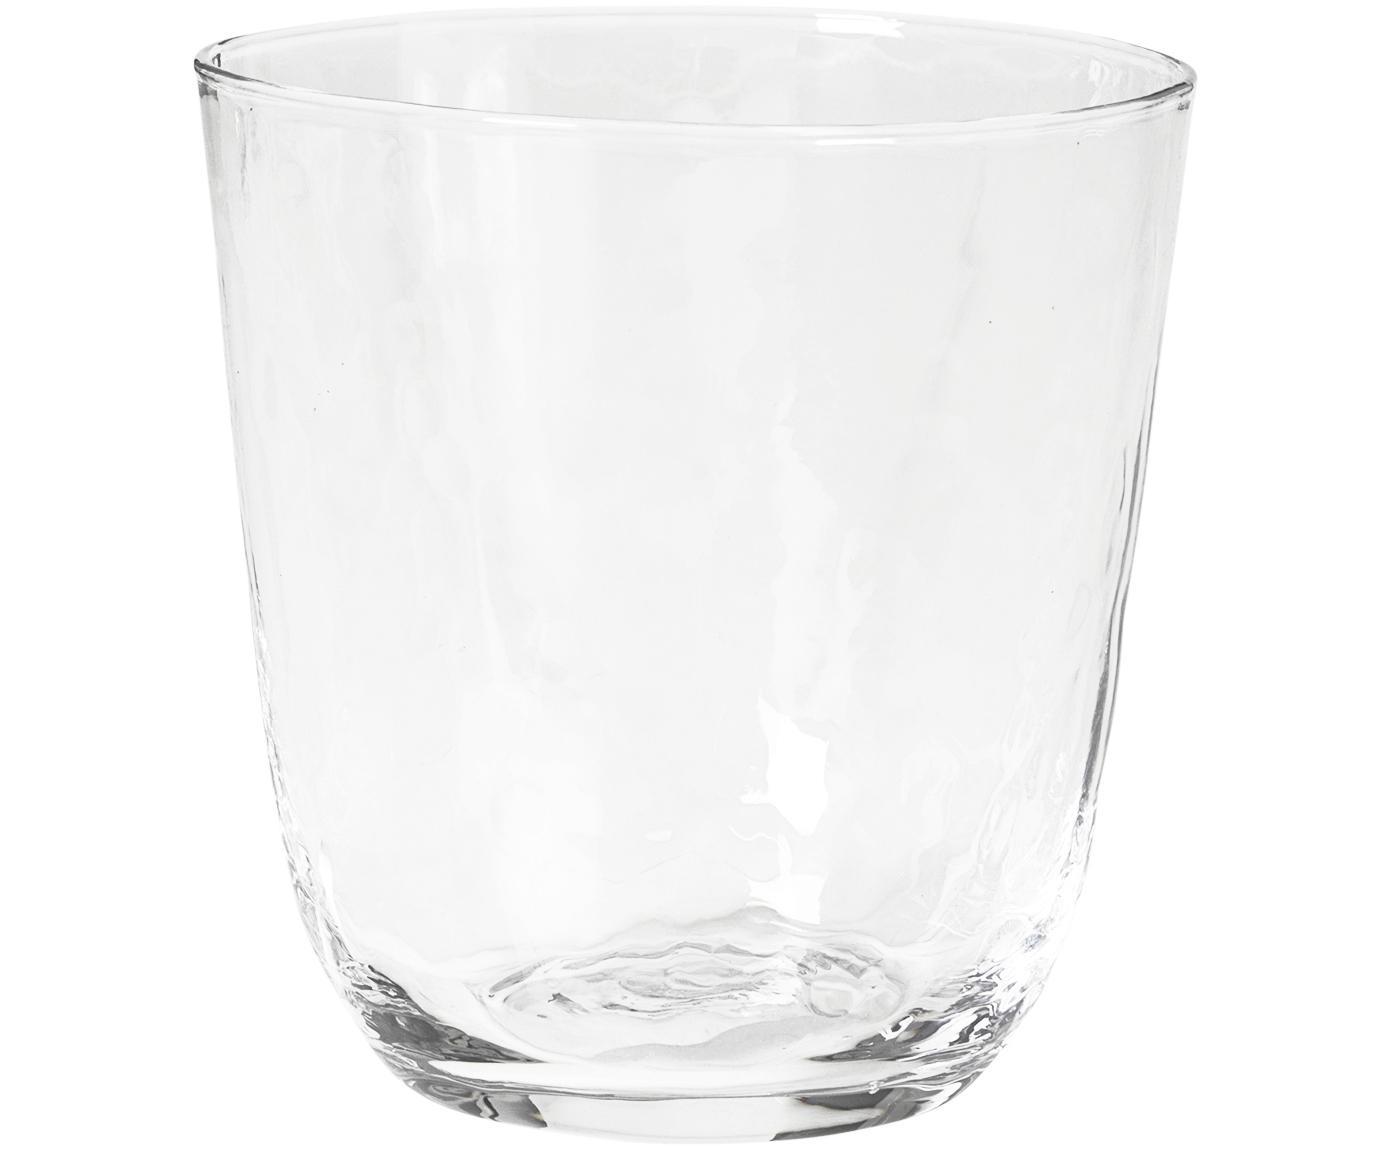 Szklanka do wody ze szkła dmuchanego  Hammered, 4 szt., Szkło dmuchane, Transparentny, Ø 9 x W 10 cm